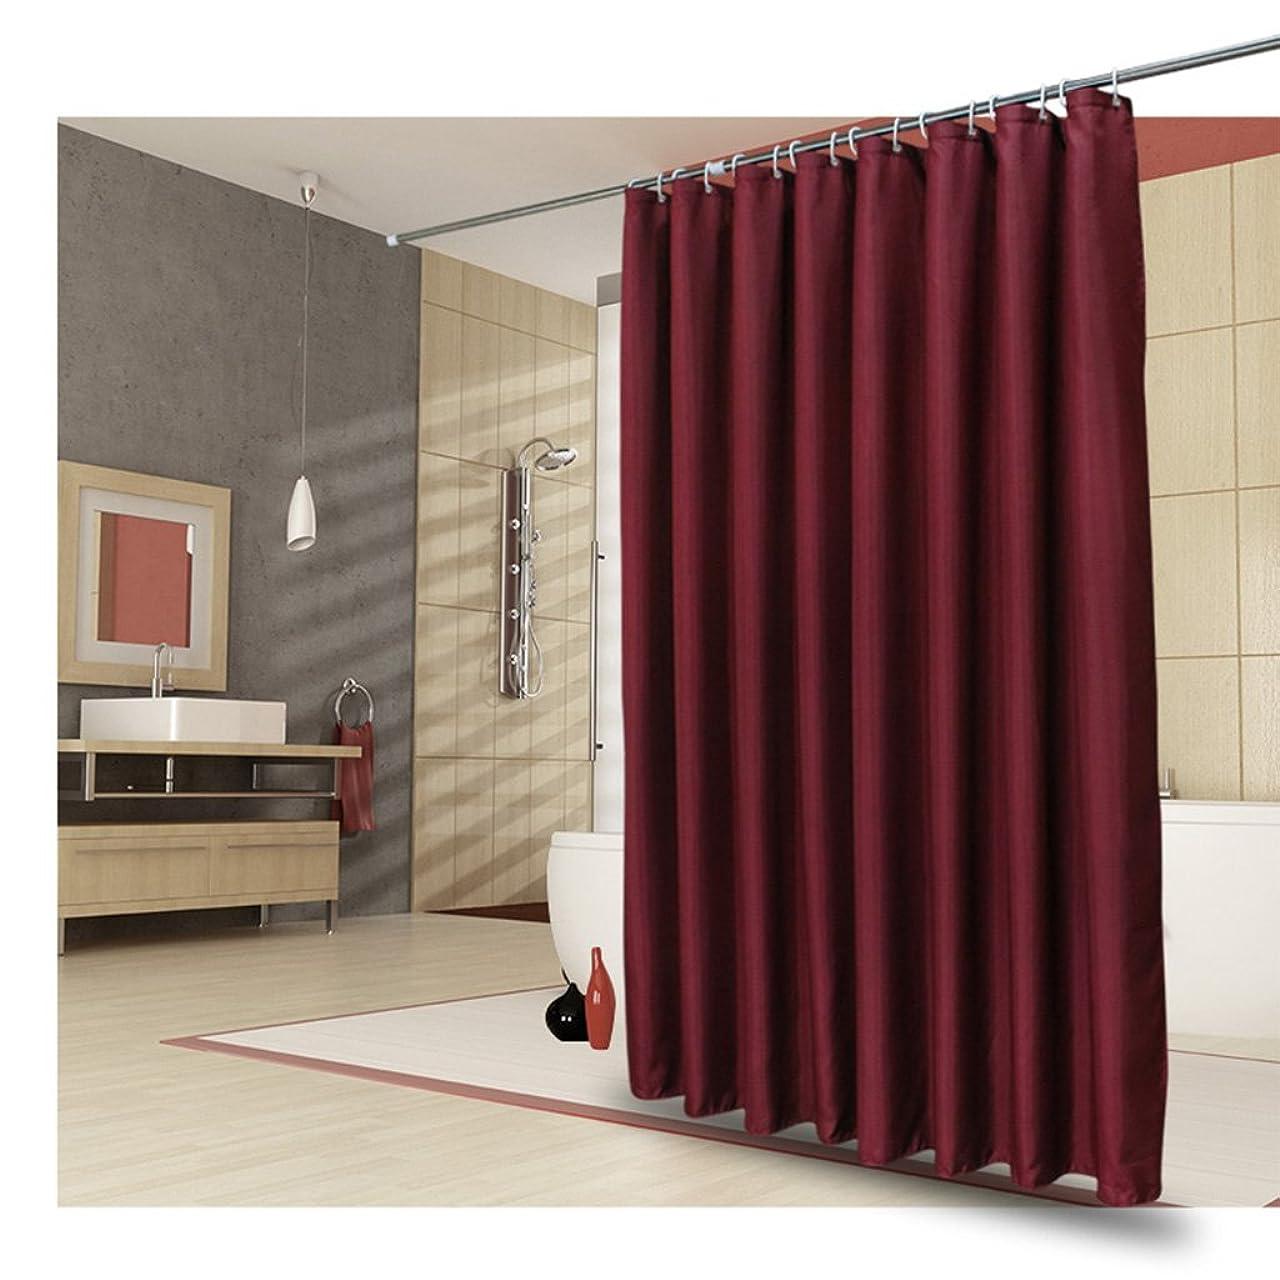 当社規制帆シャワーカーテン 浴室シャワーカーテン パーティションカーテン - 防水 Mouldproof 濃い 赤 バス用品 (Size : 240X200CM)